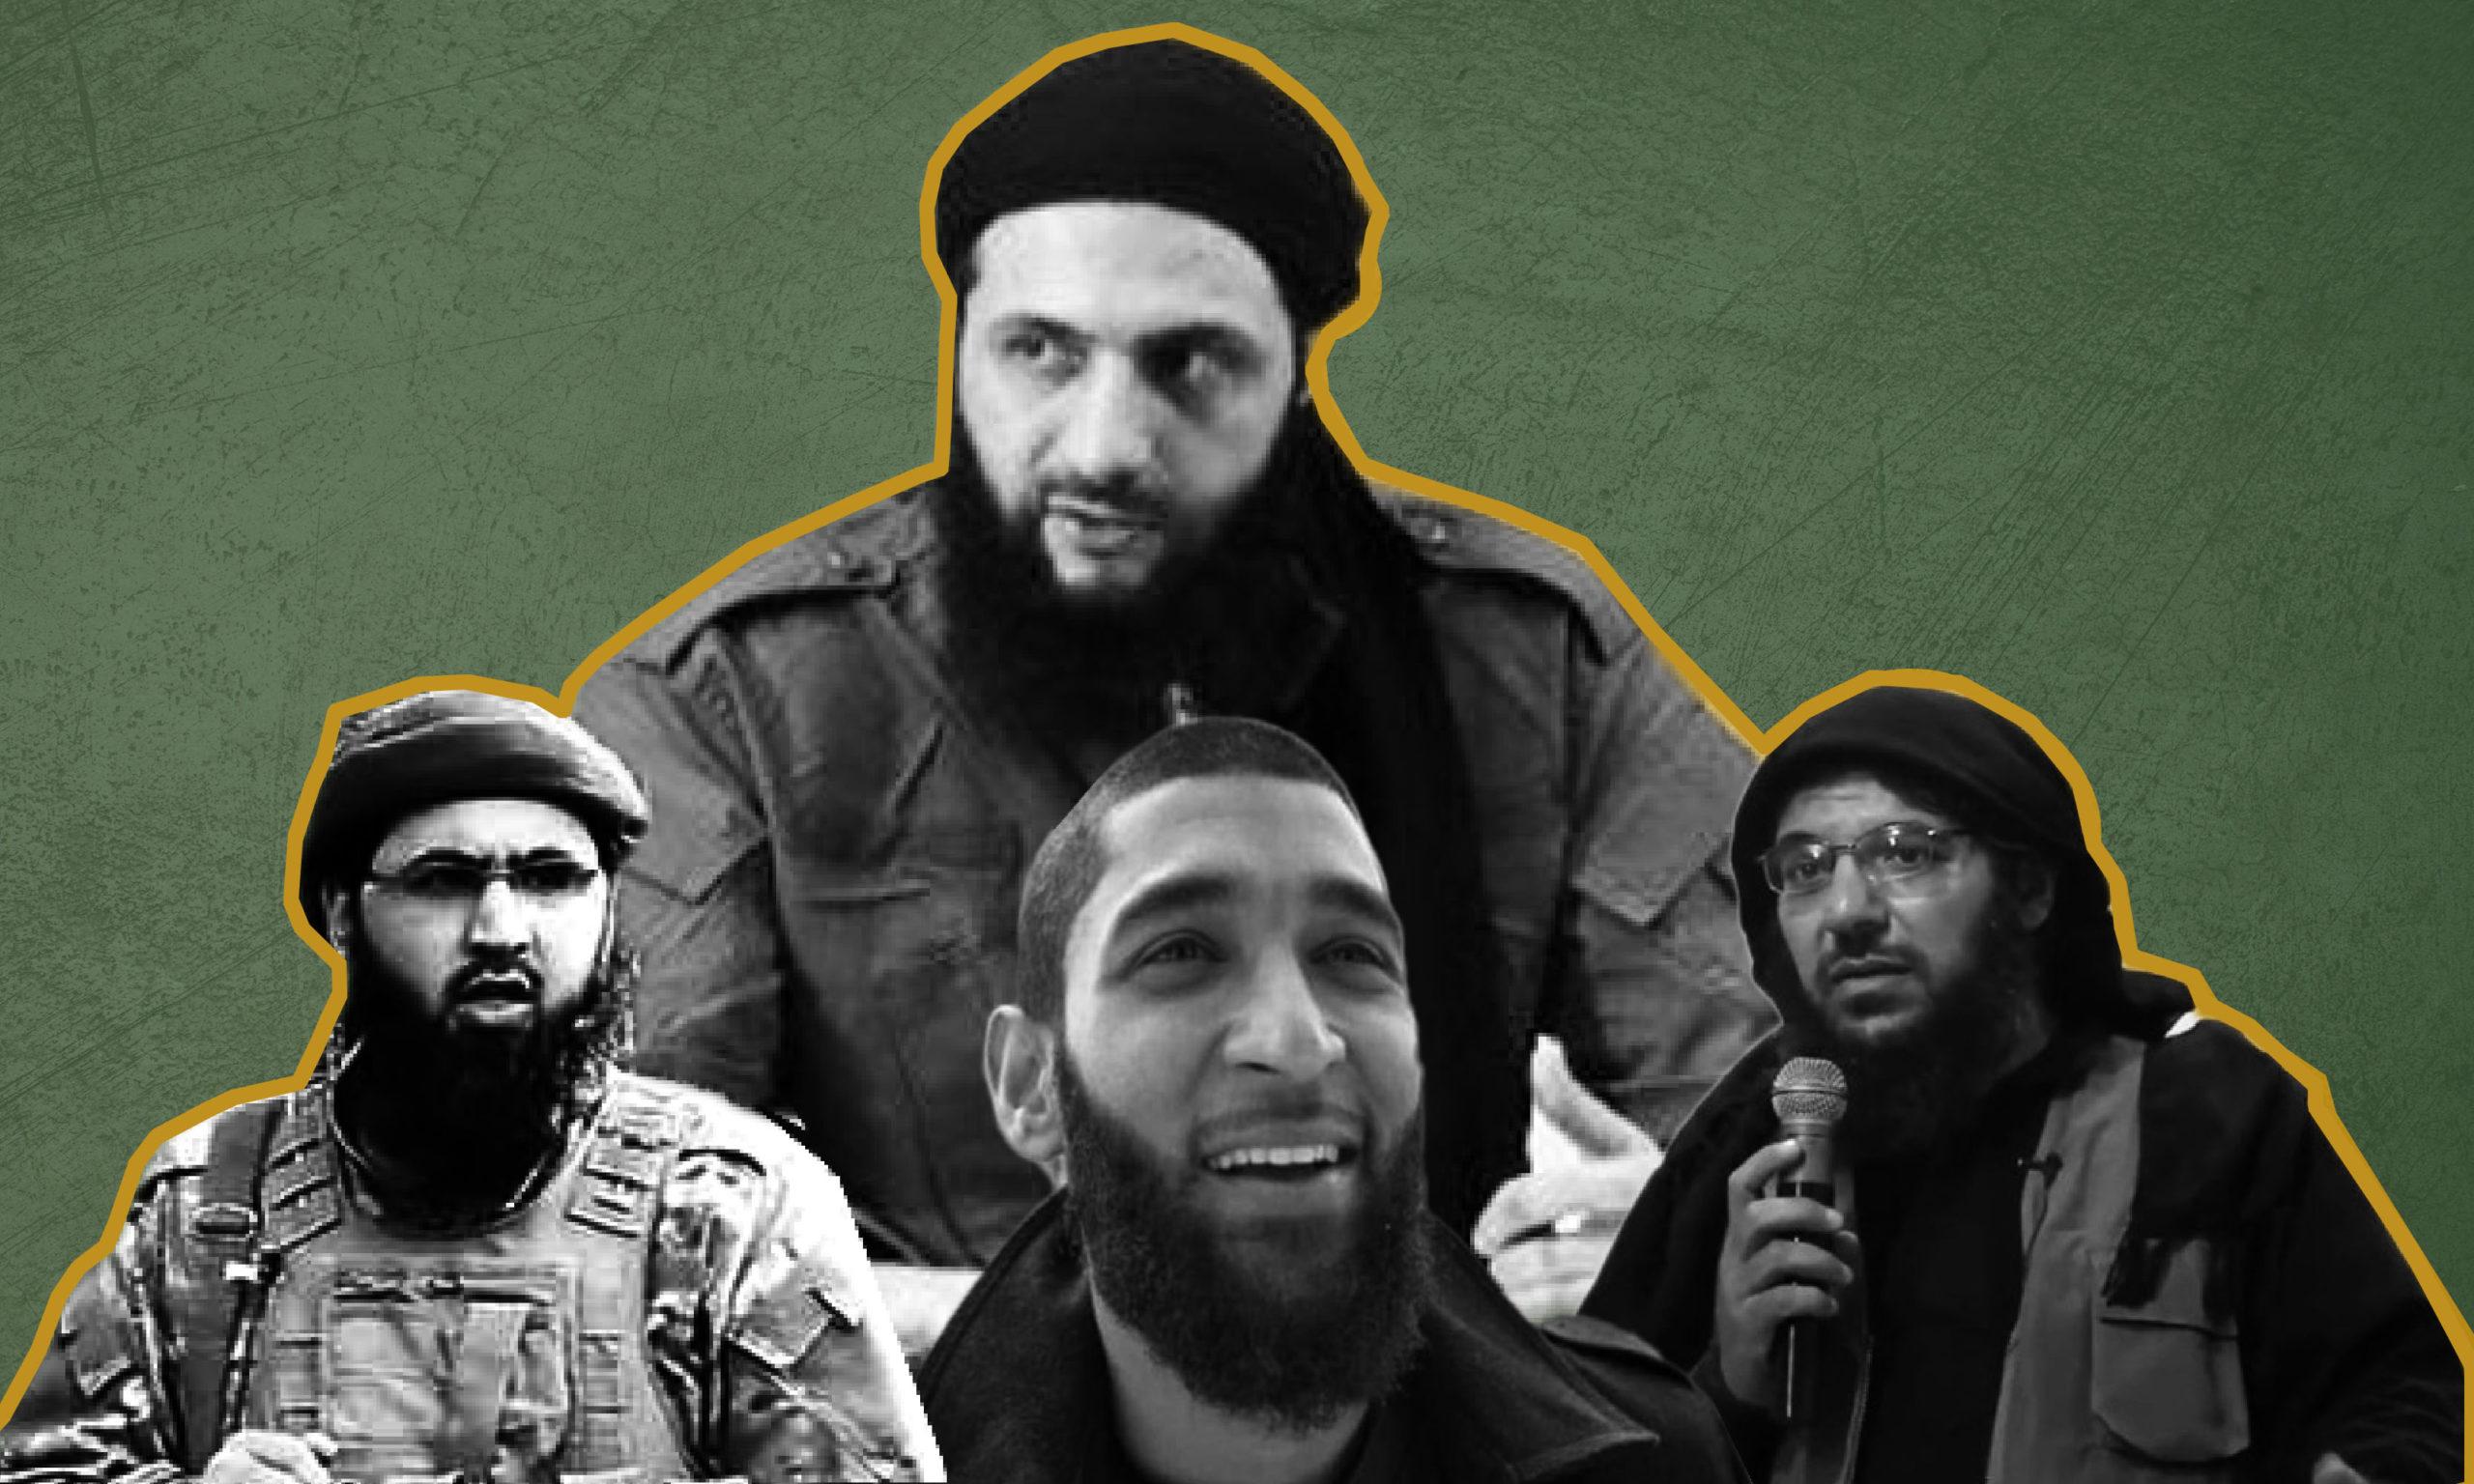 أبو مالك التلي وأبو حسام البريطاني وأبو صلاح الأوزبكي، في الخلف أبو محمد الجولاني (عنب بلدي)